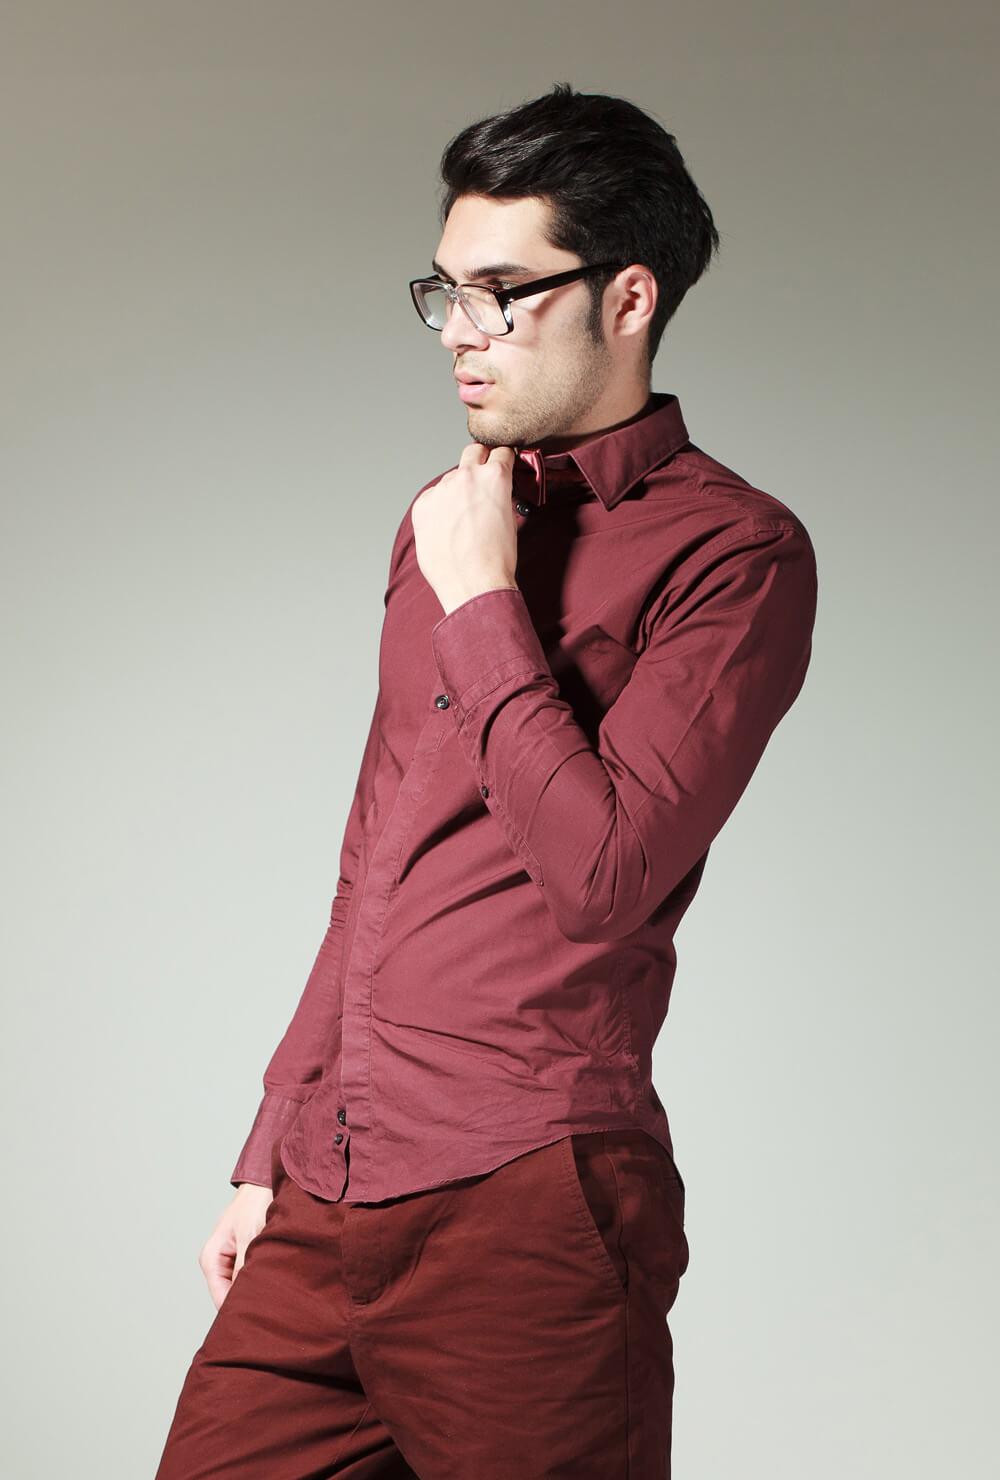 g_wear_7a